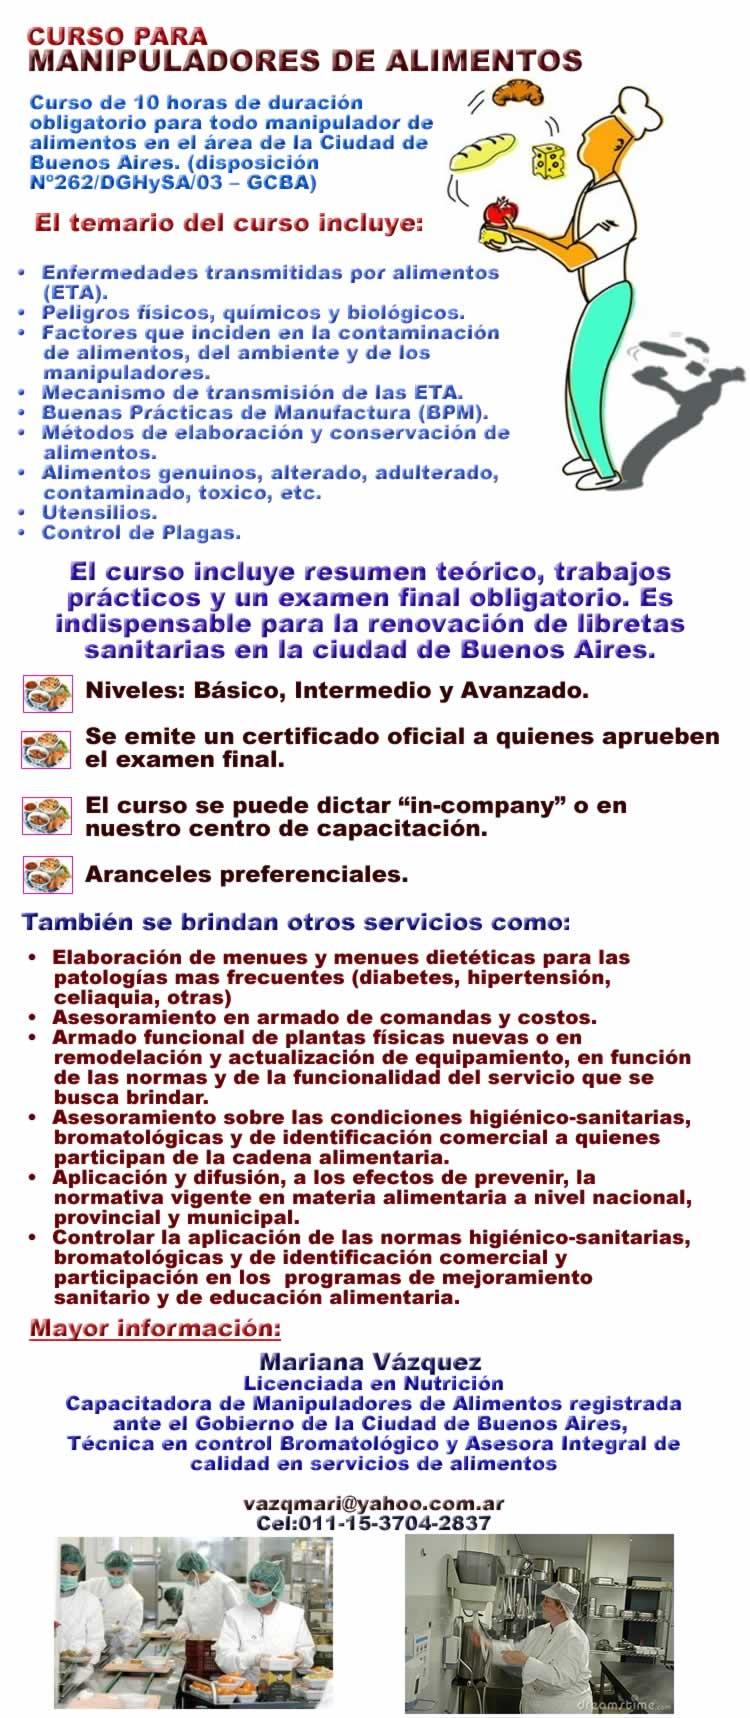 Curso para manipuladores de alimentos cocina a en preciolandia argentina 71oc27 - Temario curso manipulador de alimentos ...